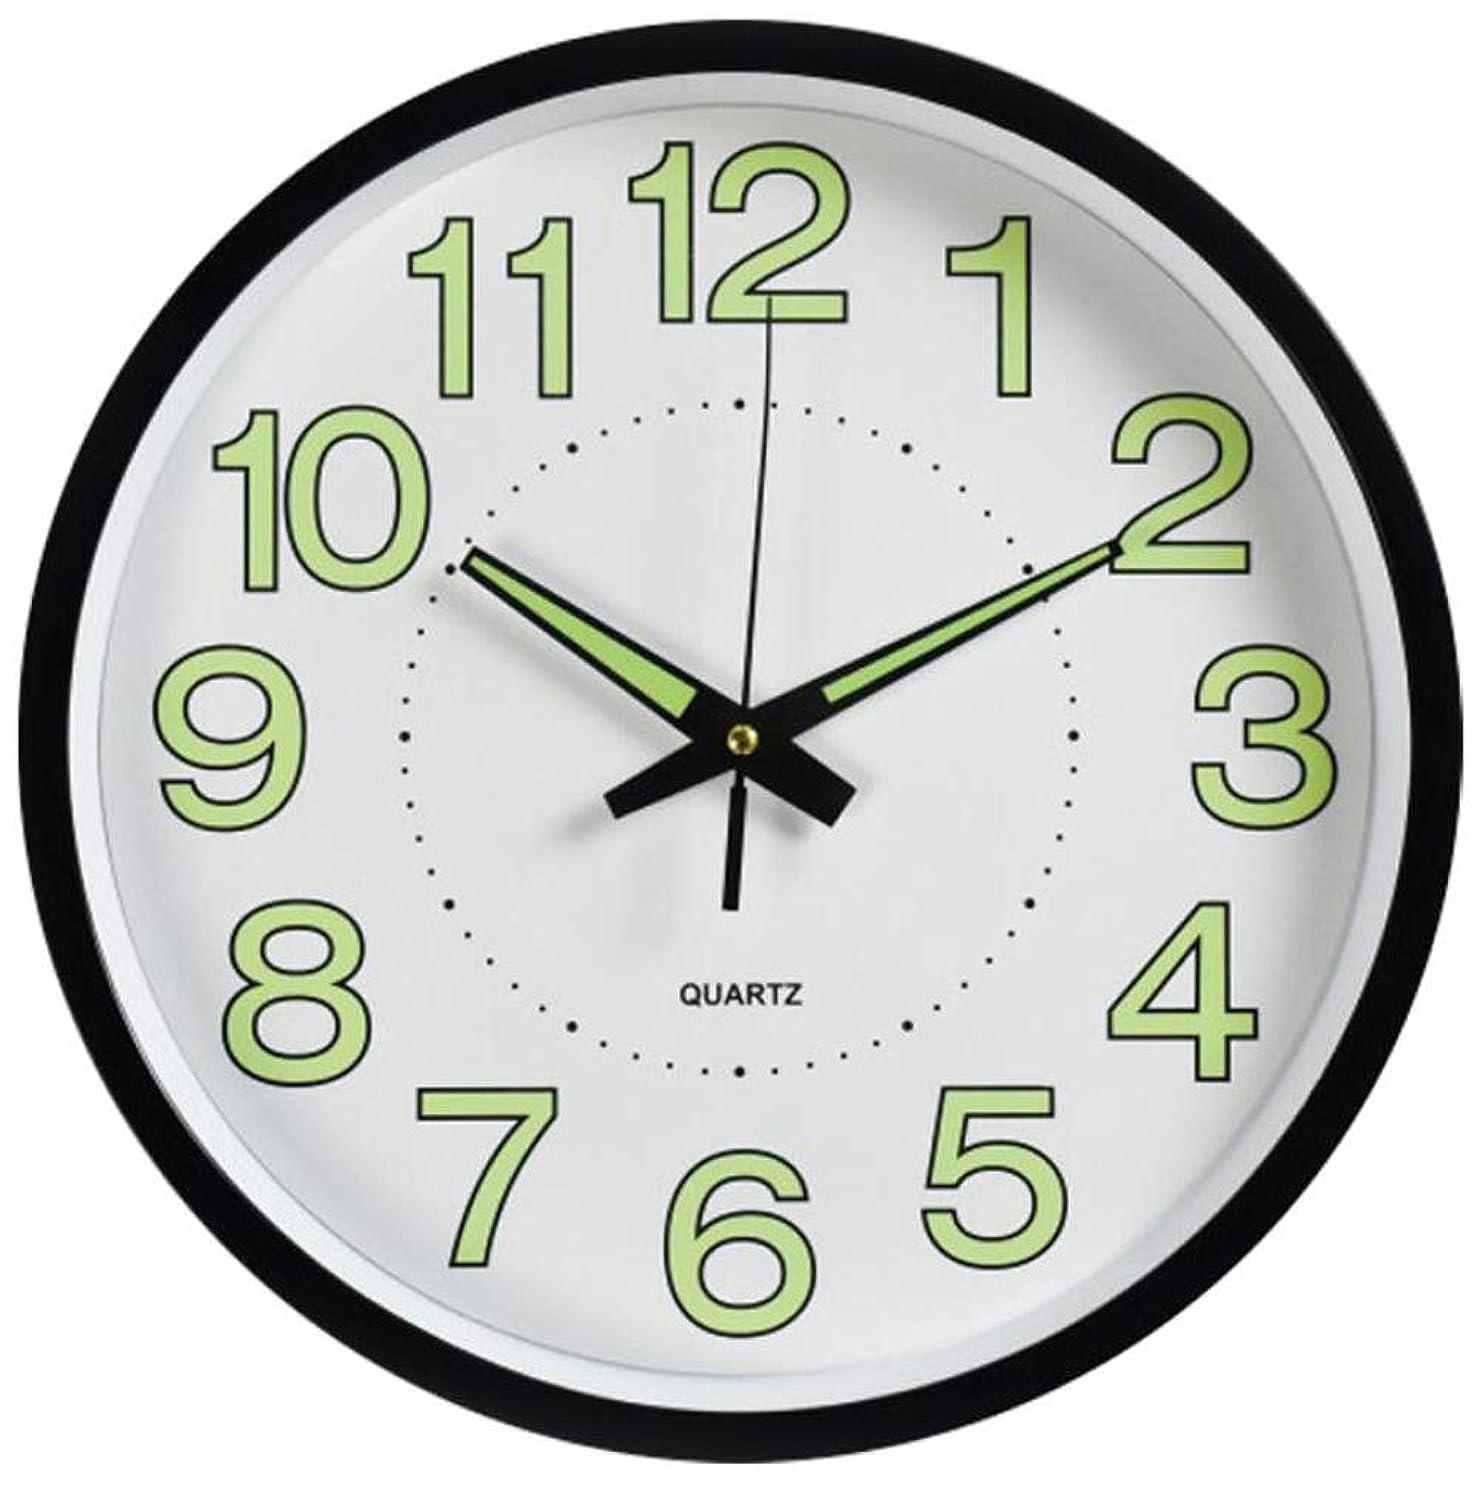 兵器庫果てしない落花生Outpicker 壁掛け時計 夜光 発光 静音 連続秒針 ウォールクロック 掛け時計 プレゼント カフェ 部屋 (ブラック)